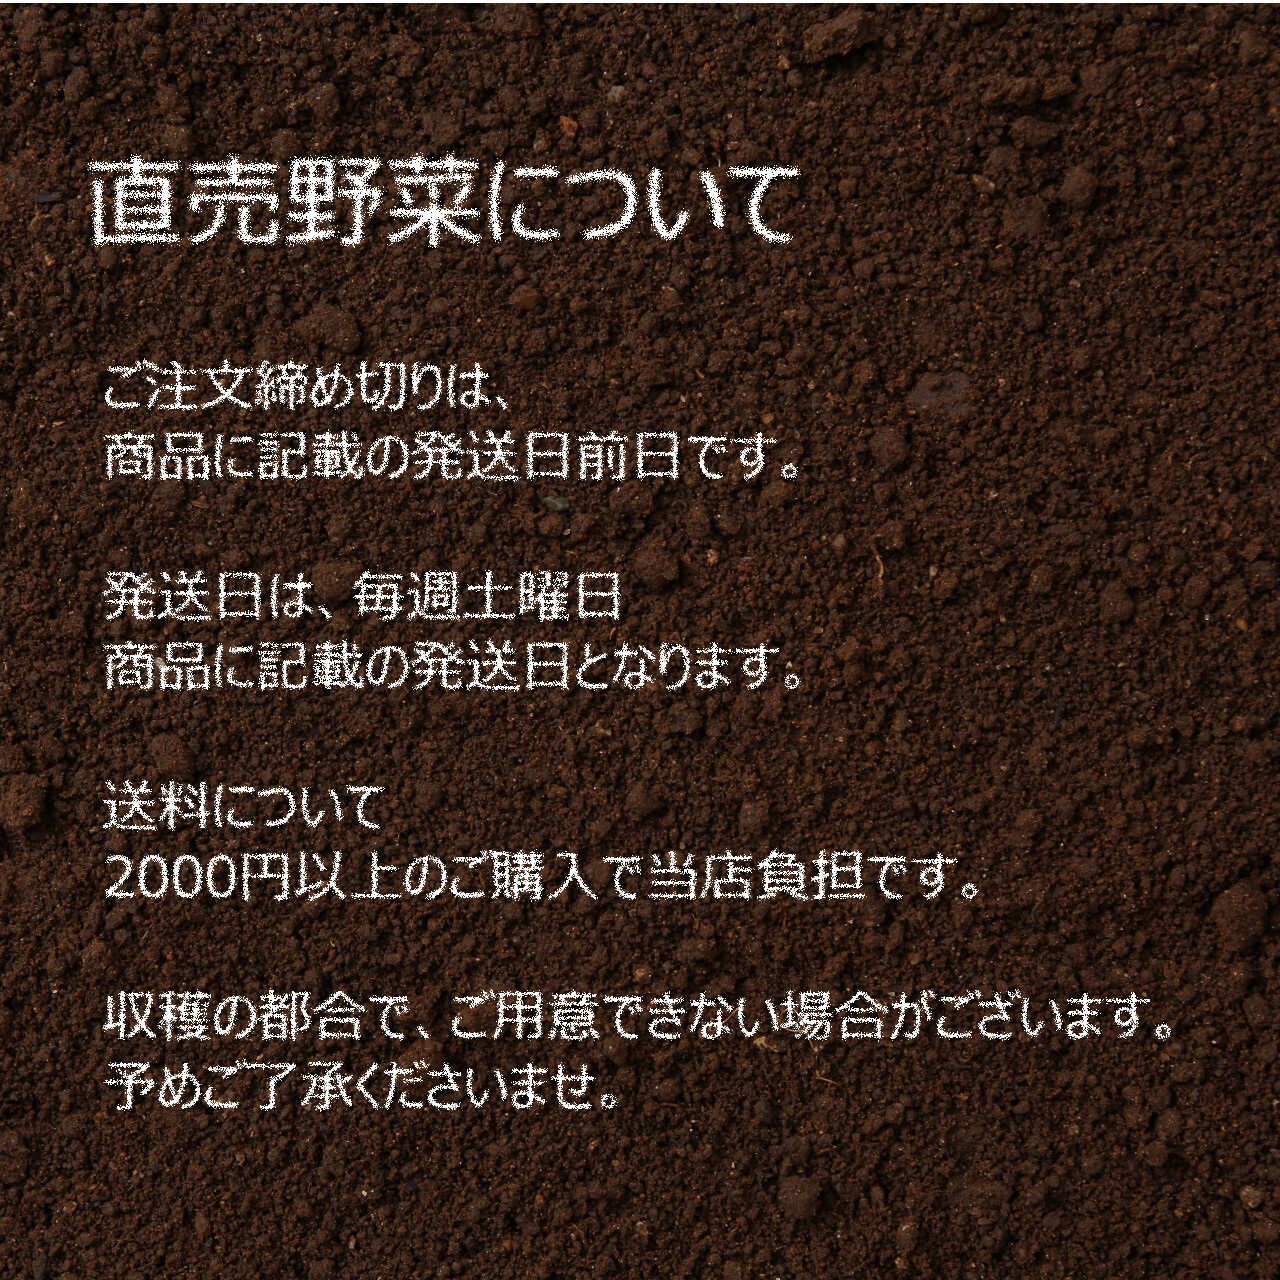 10月の朝採り直売野菜 : つるむらさき 約400g 新鮮な秋野菜 10月17日発送予定